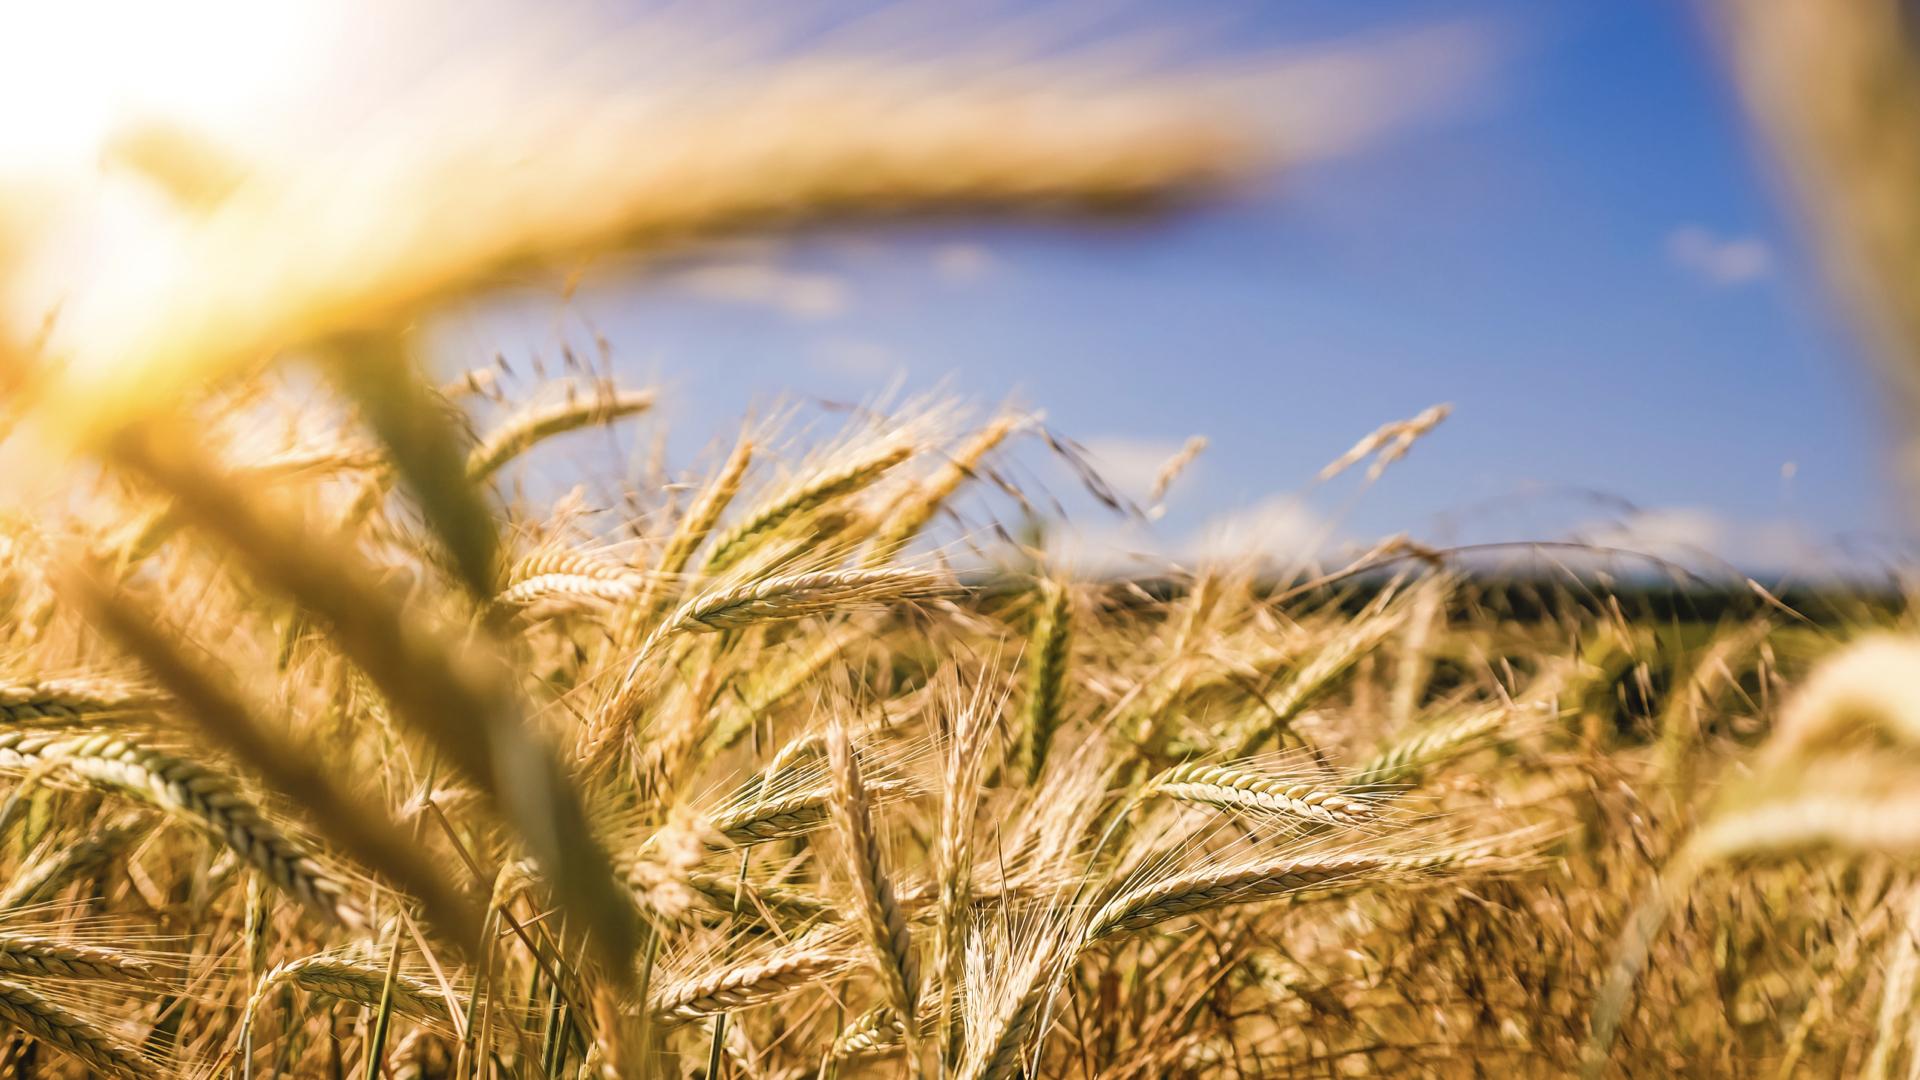 陽光灑下在一片稻田